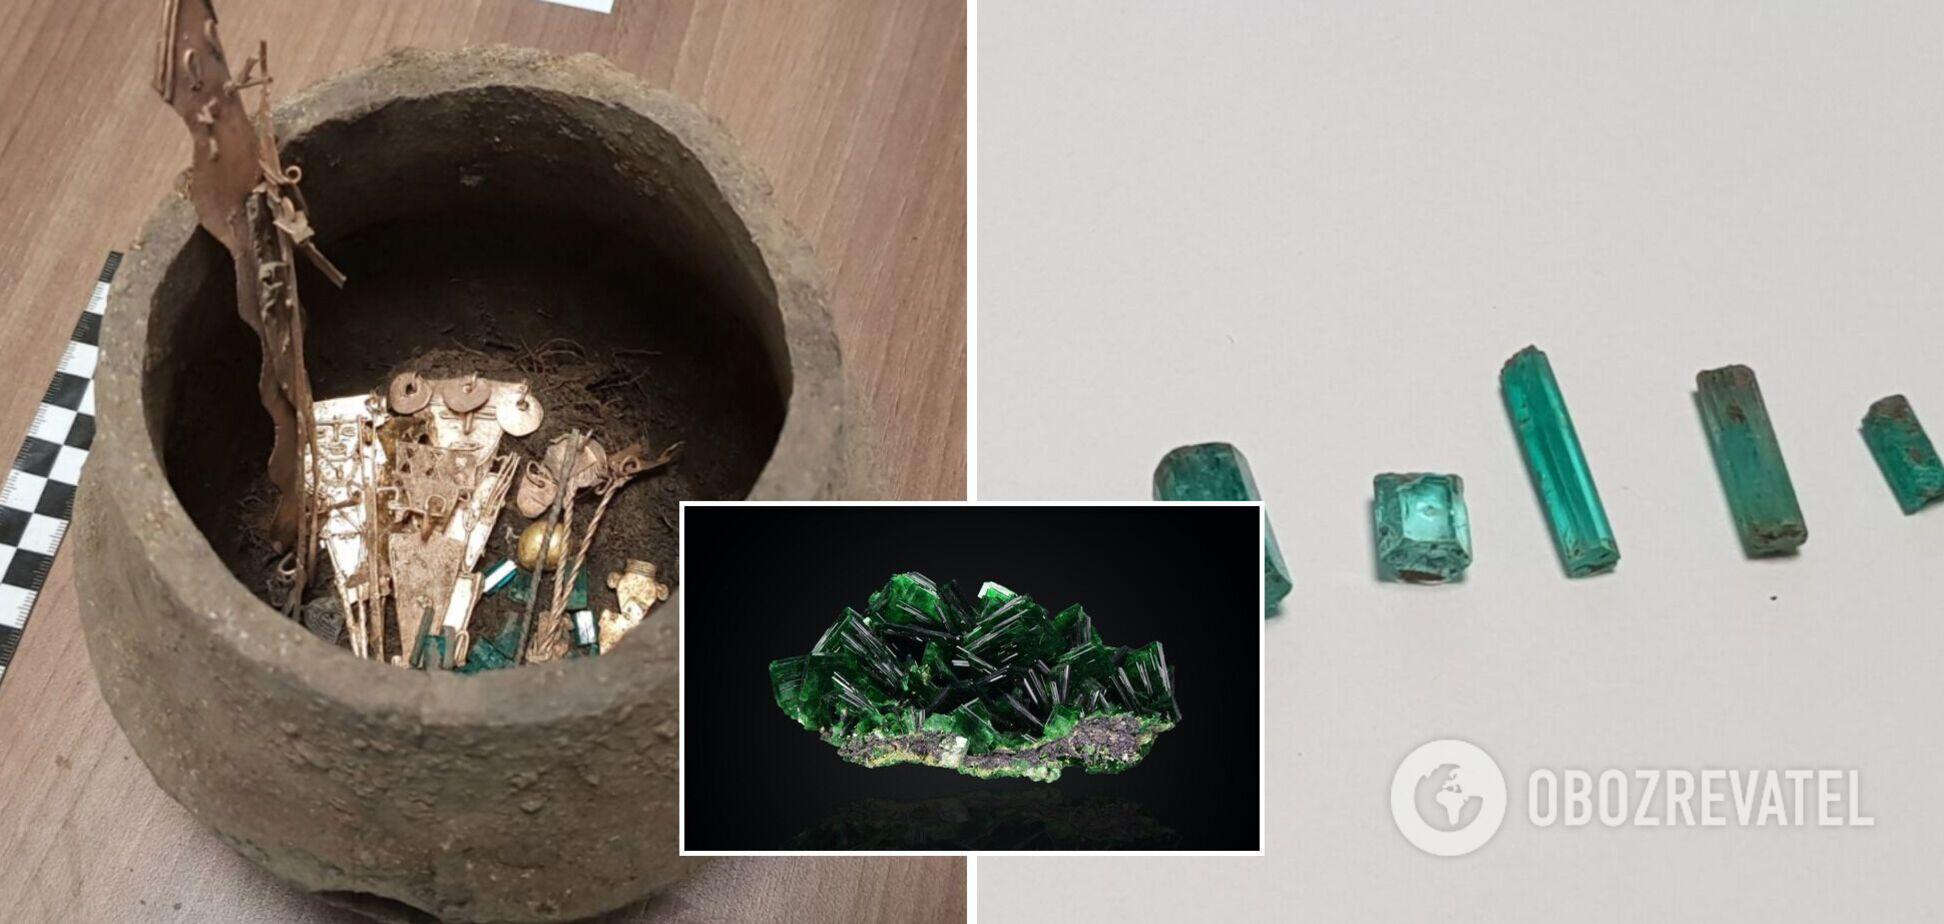 Археологи нашли в Колумбии старинные кувшины с изумрудами. Фото